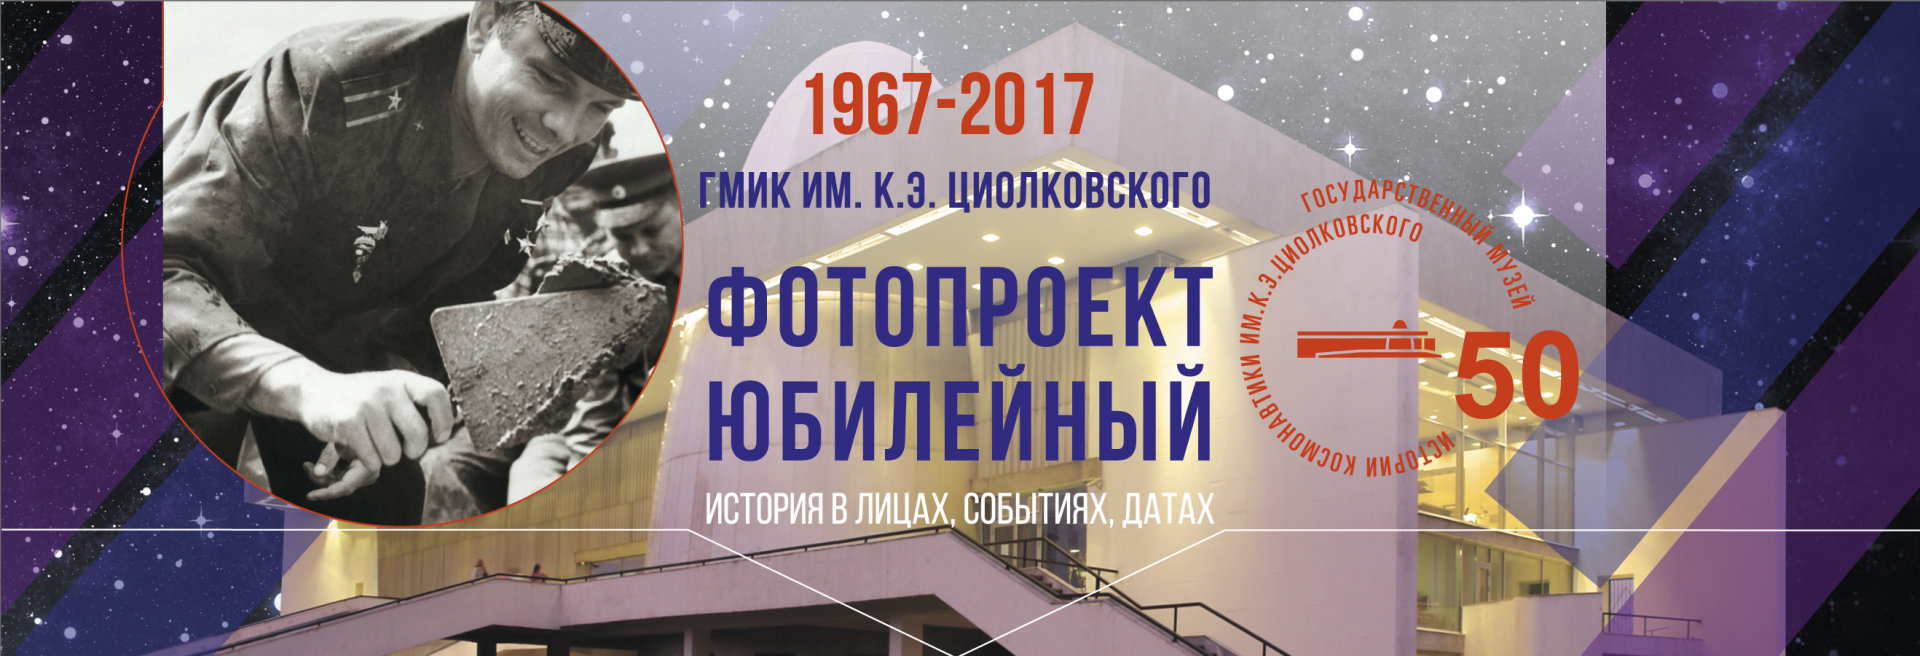 Фотопроект к 50-летию музея